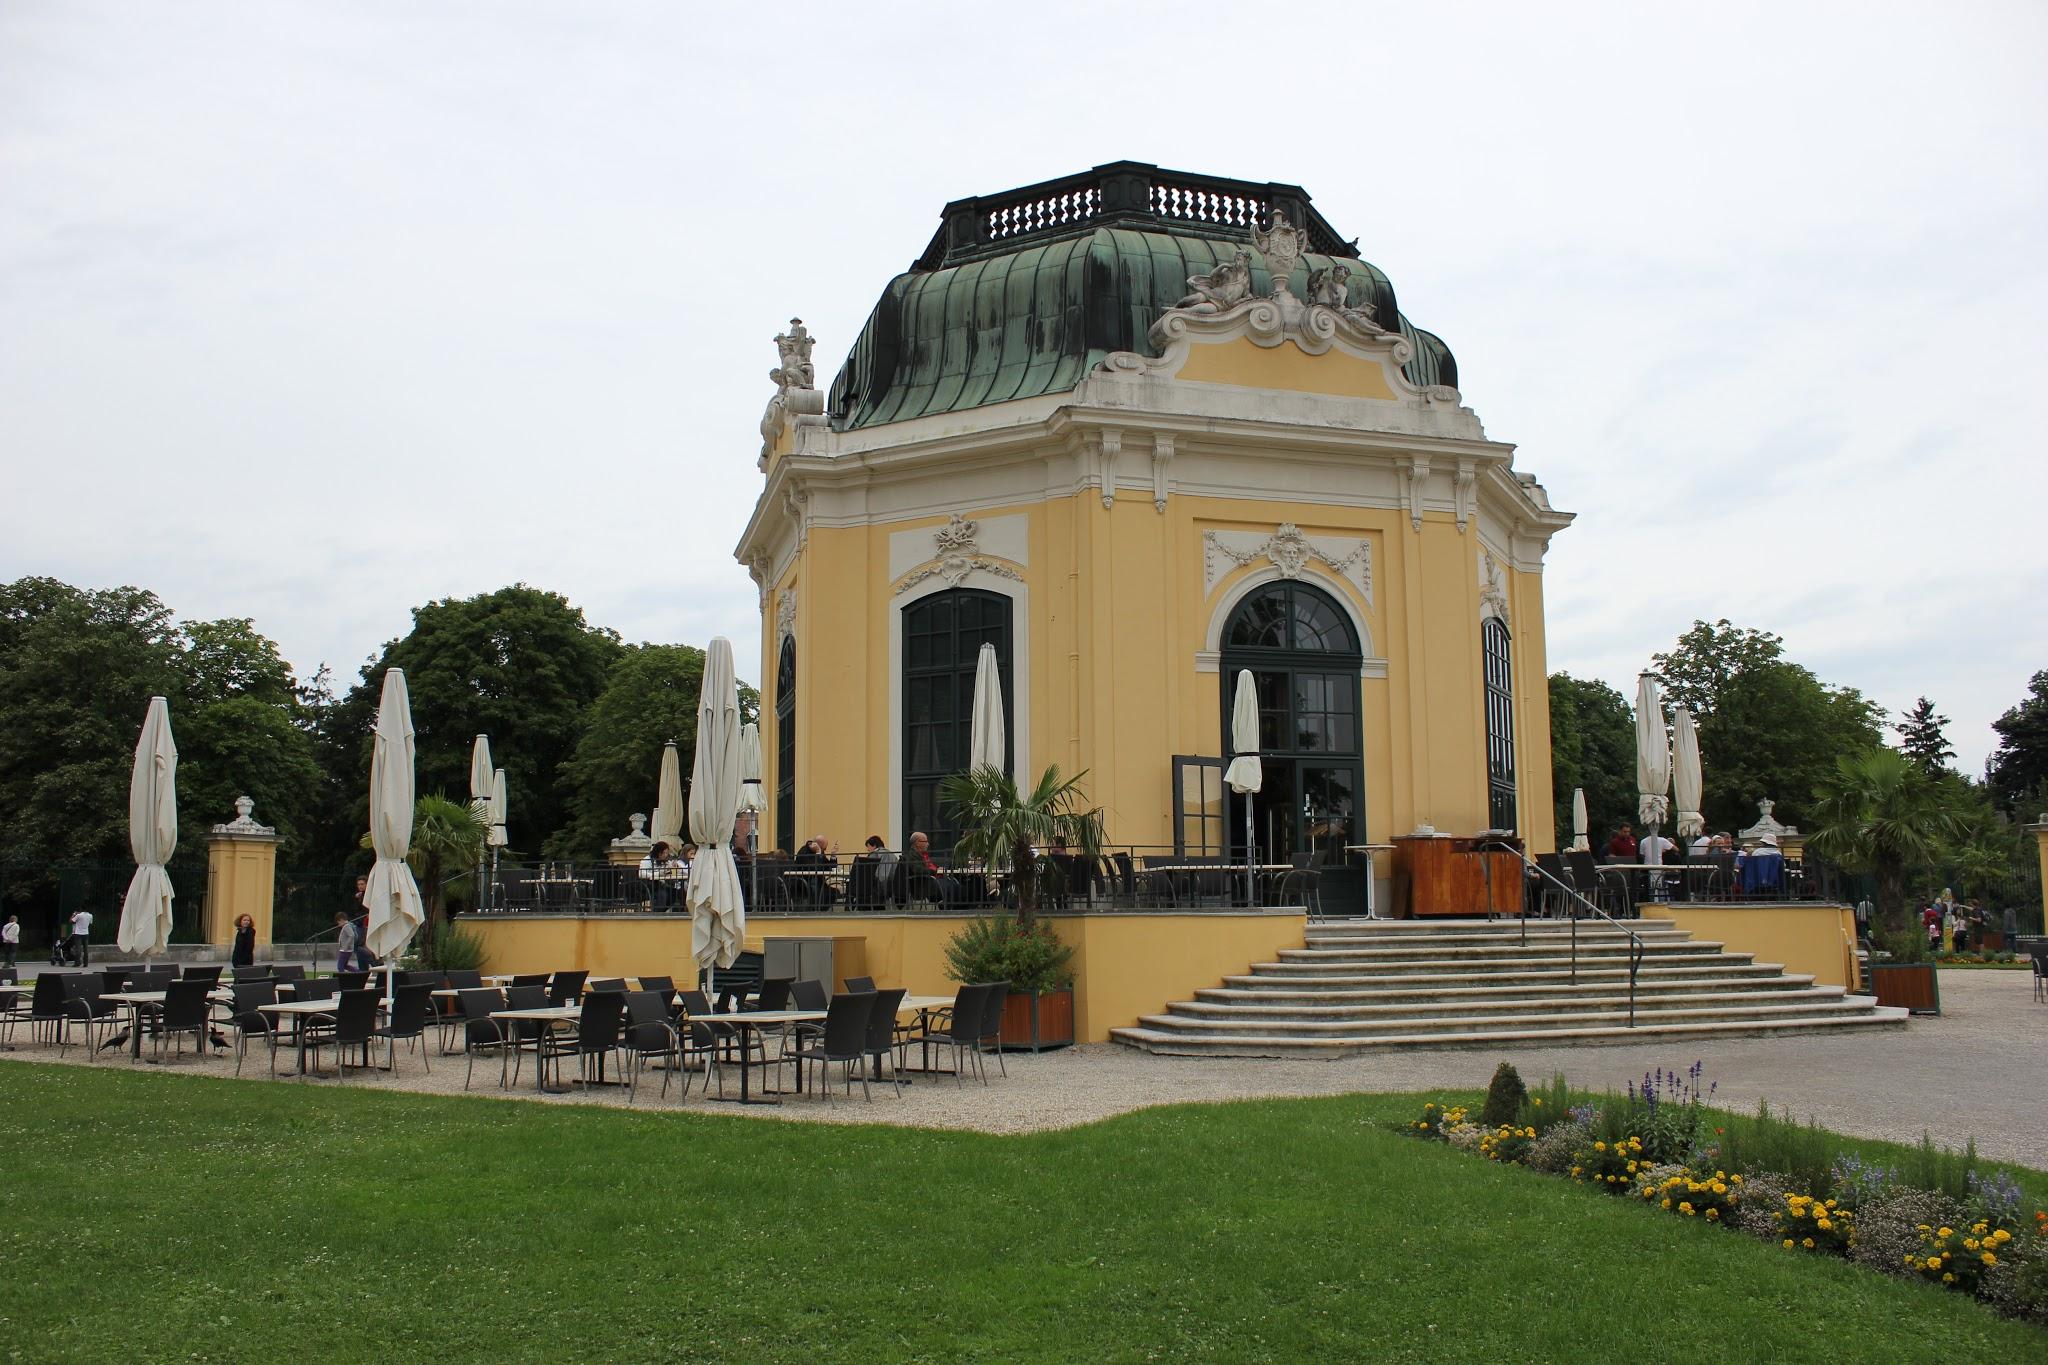 centrální pavilon někdejší menažerie, dnešní zoologické zahrady Schönbrunn